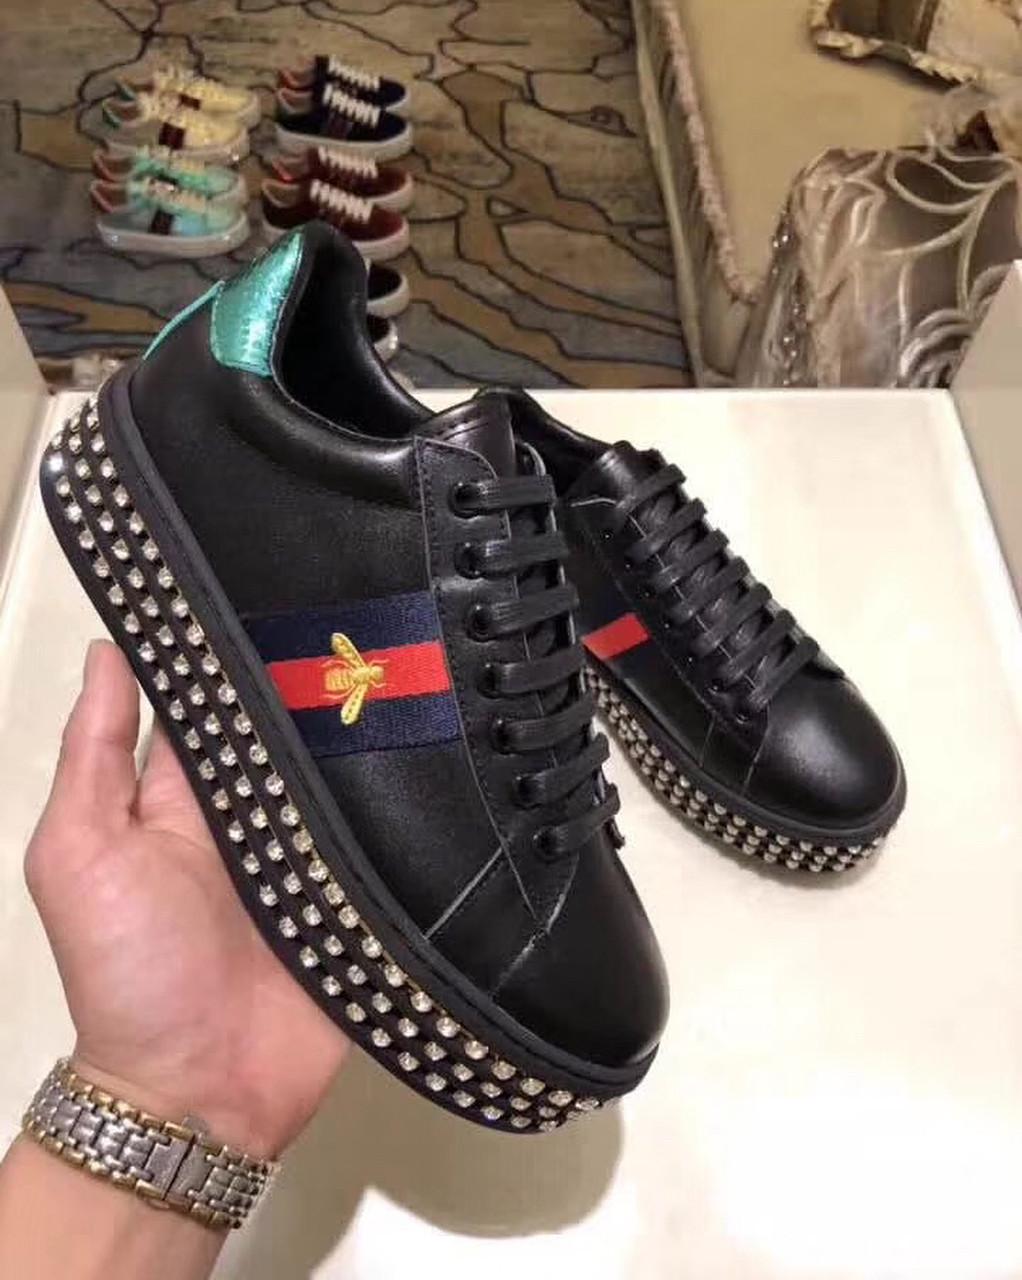 9cf85424 Женские кроссовки со стразами Gucci - Люкс реплики брендовых сумок, обуви в  Киеве